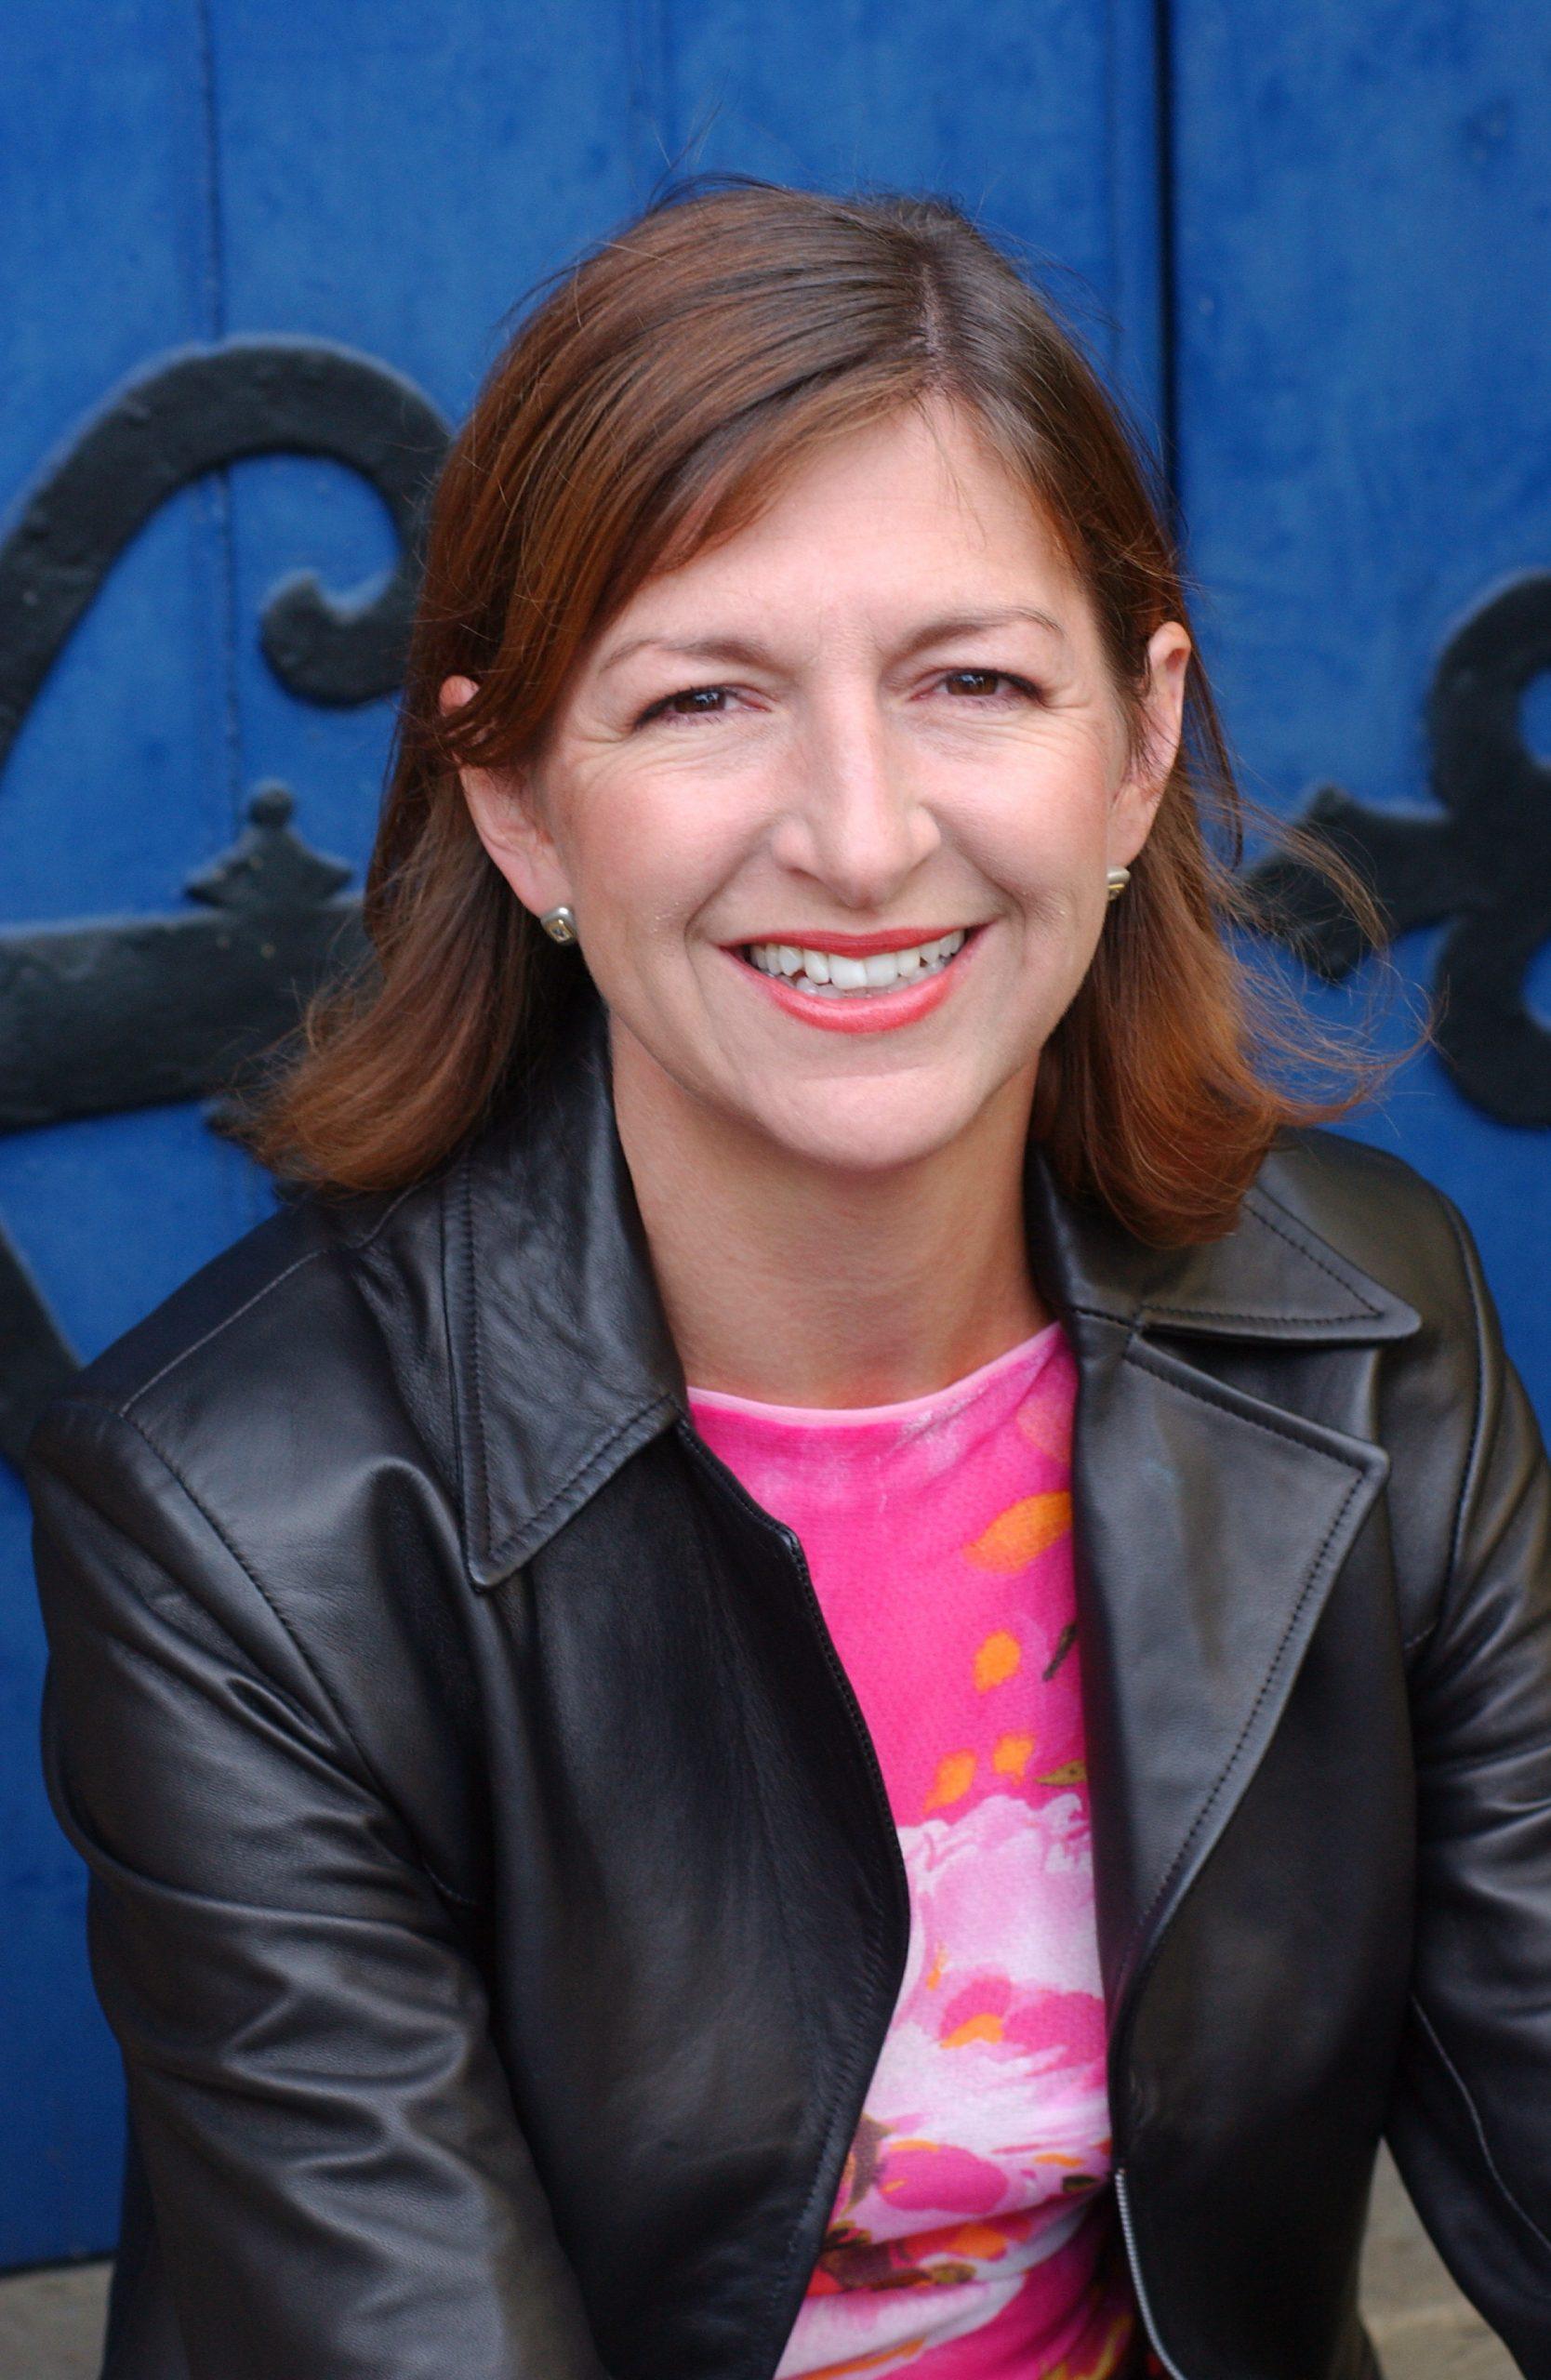 Isobel Rimmer